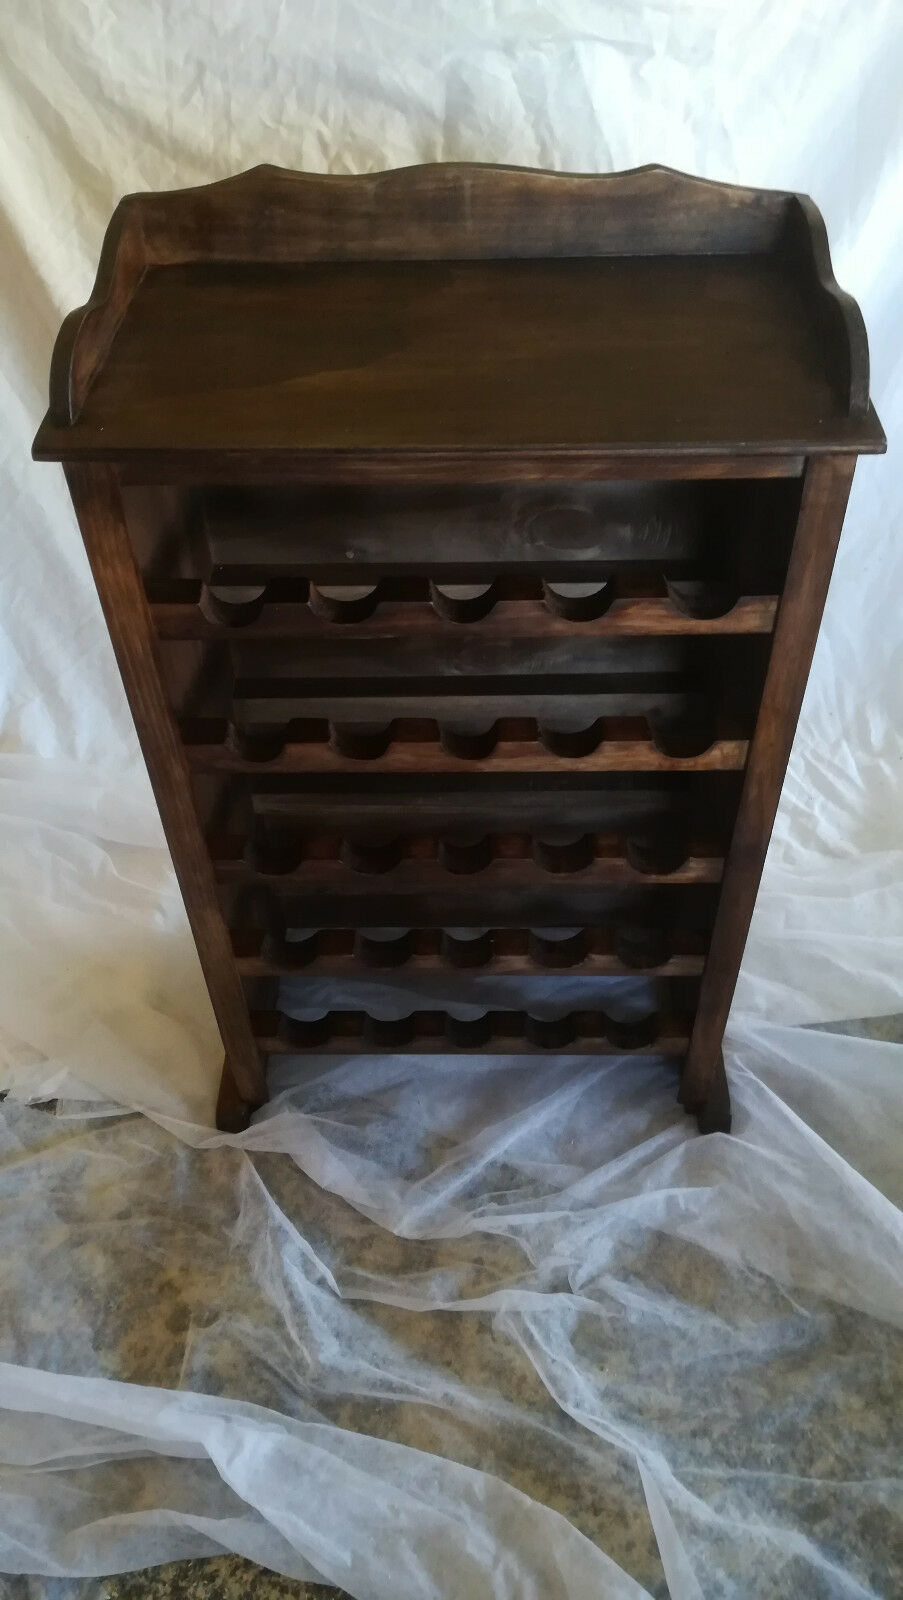 Möbel FLASCHENKISTE aus aus aus Holz,25 Flaschen. Regal. Farbe Walnuss. xl Modell | Starke Hitze- und Abnutzungsbeständigkeit  9c9262